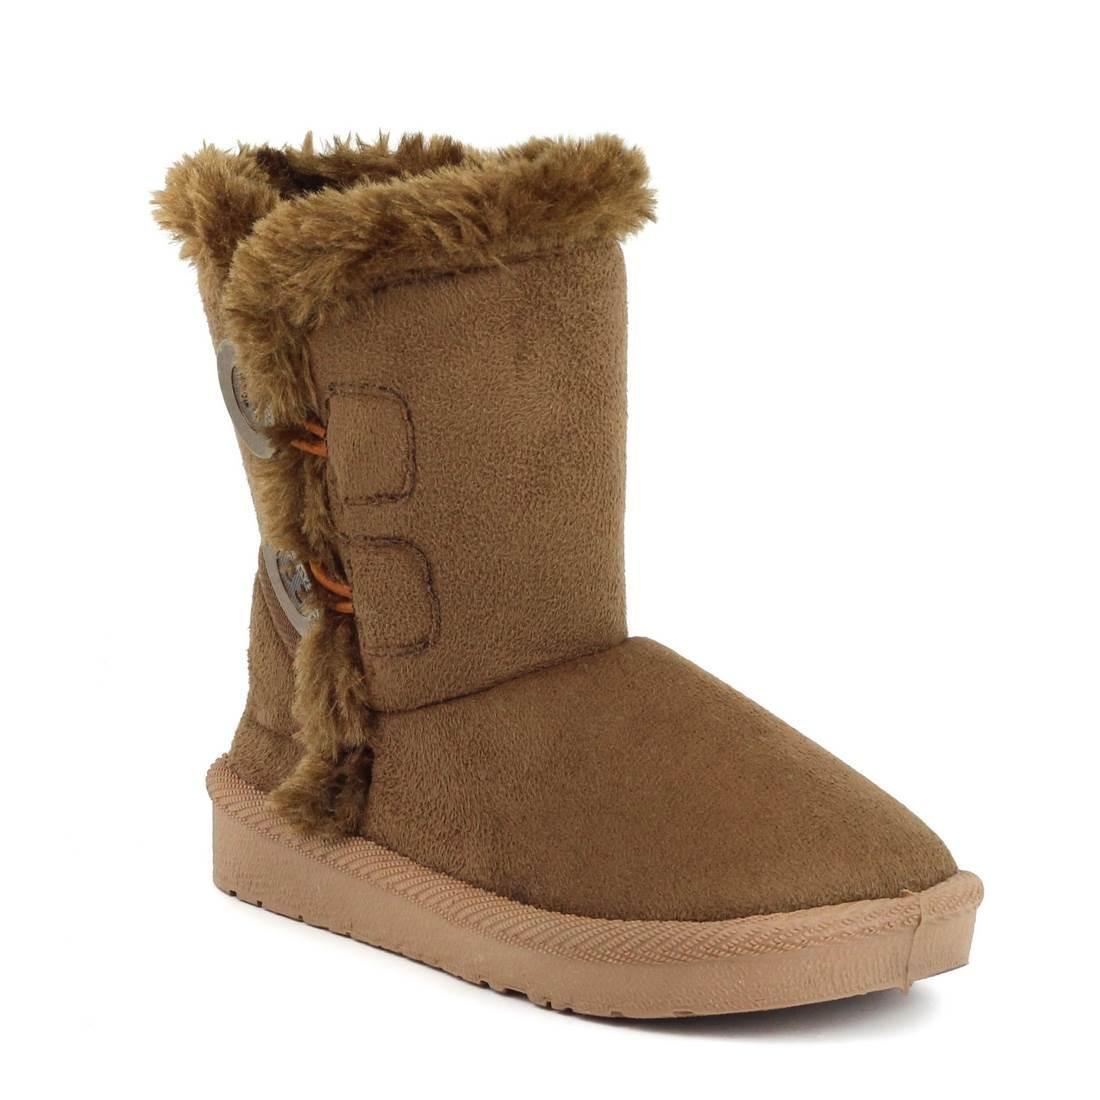 XTI 054024, Botines para Niñas, Hueso (Camel), 38 EU: Amazon.es: Zapatos y complementos